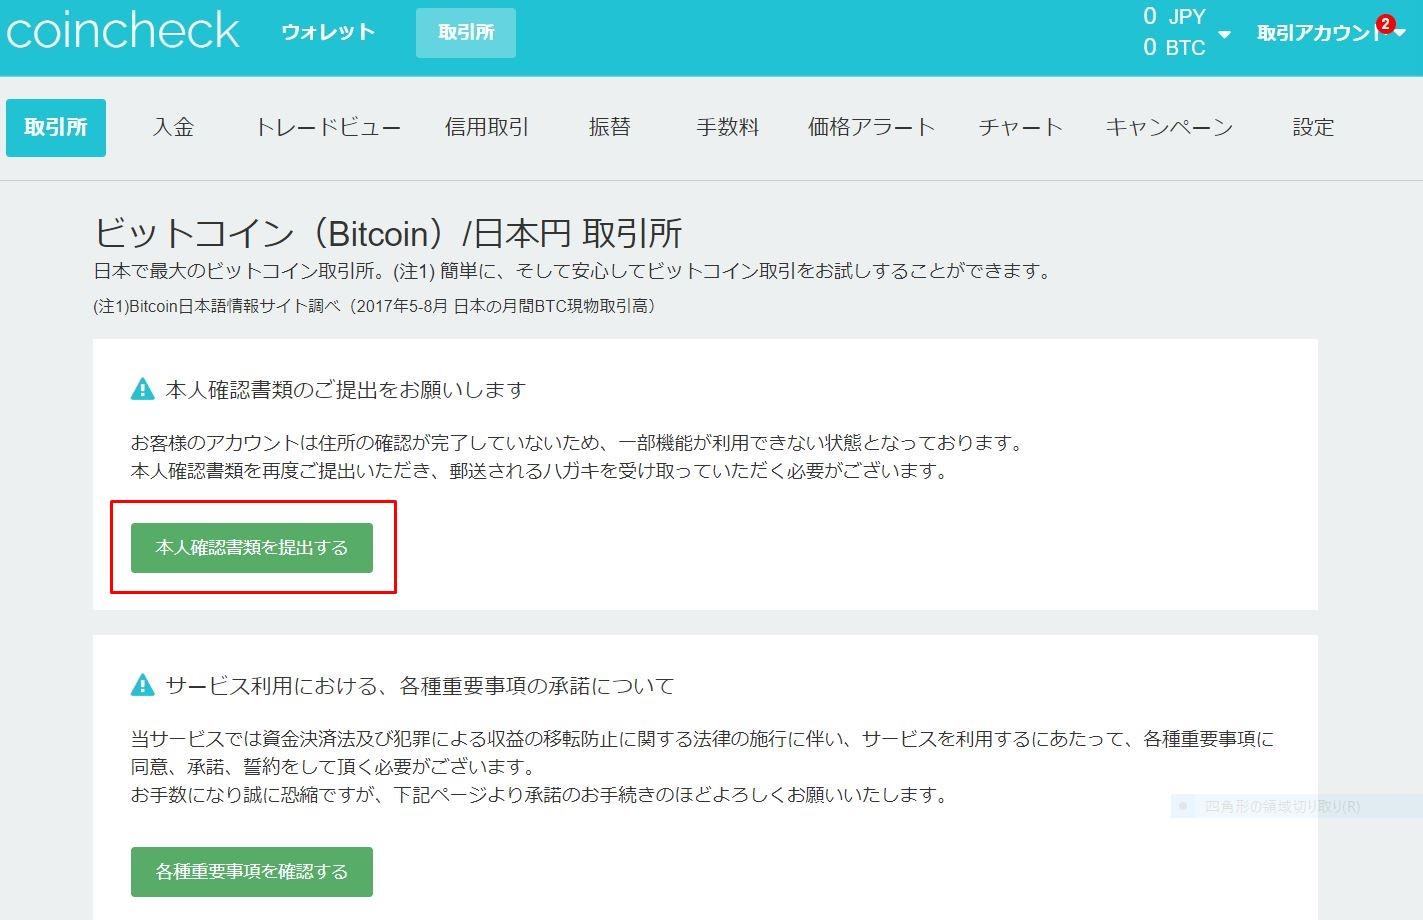 ビットコイン関連ニュース | Bitcoin日本語情報サイト